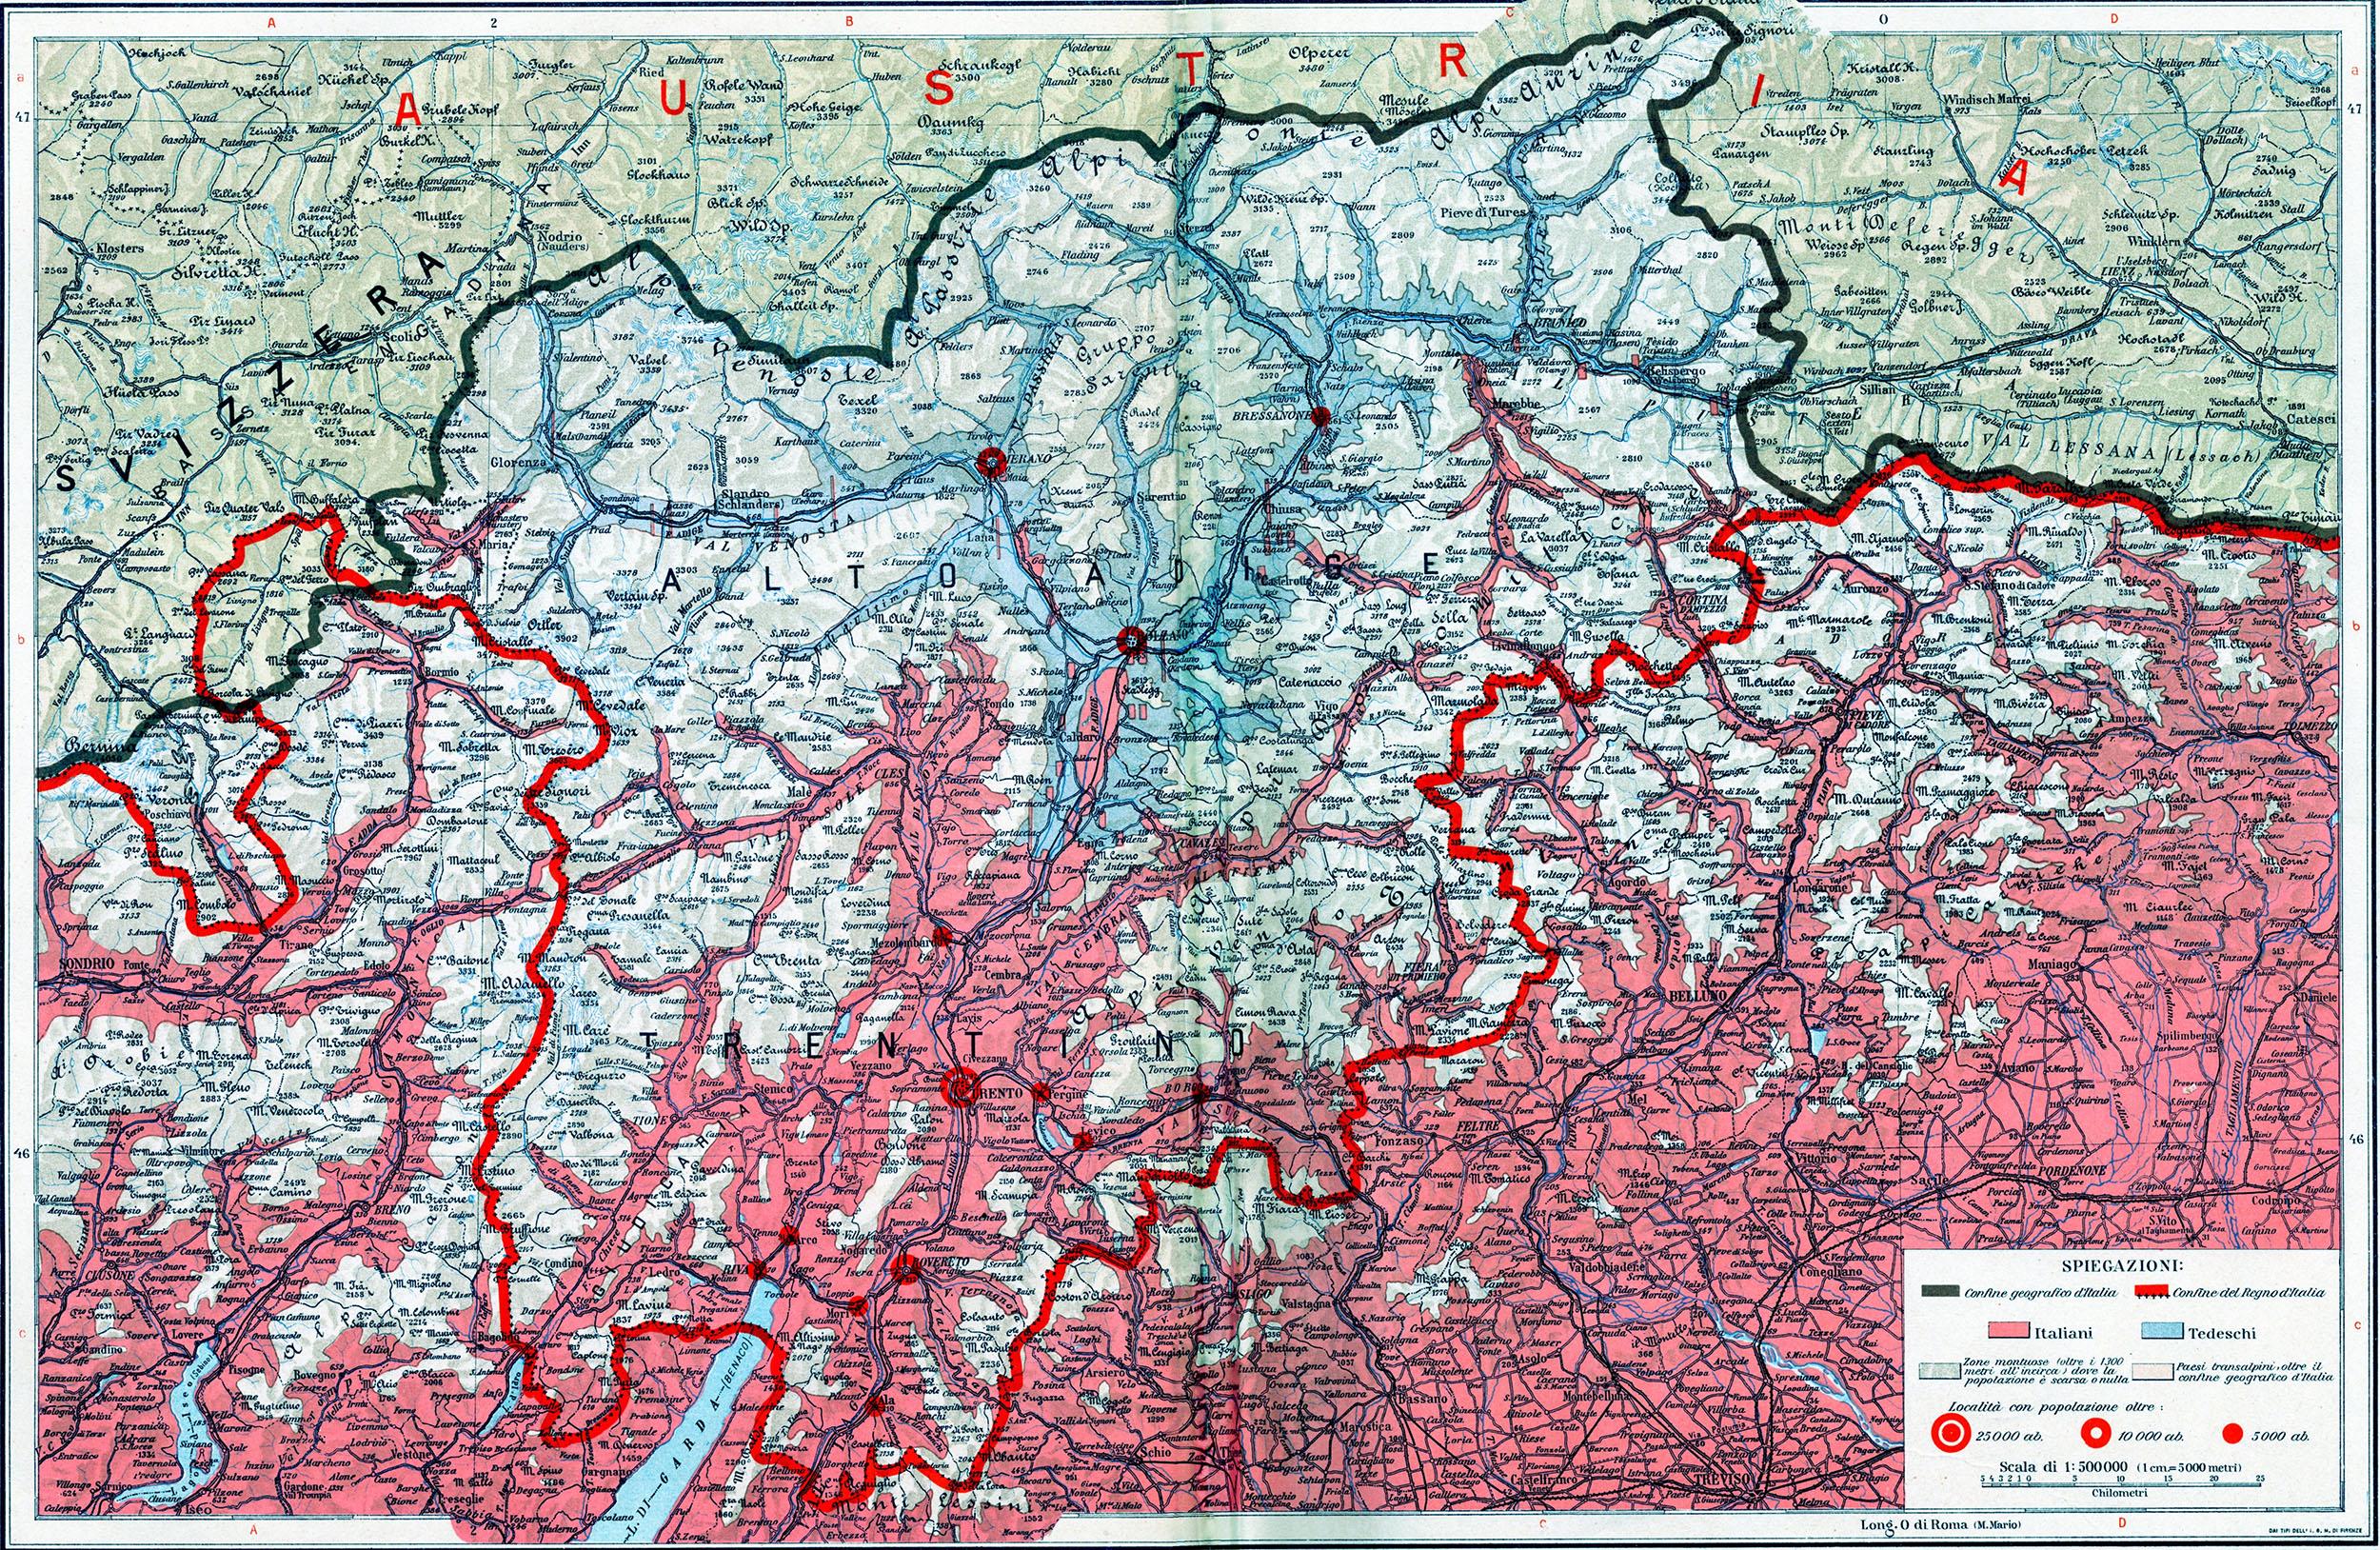 Trentino Alto Adige Cartina Fisica E Politica.Cesare Battisti Atlante Il Trentino Cenni Geografici Storici Economici Con Un Appendice Sull Alto Adige Matteo Proto